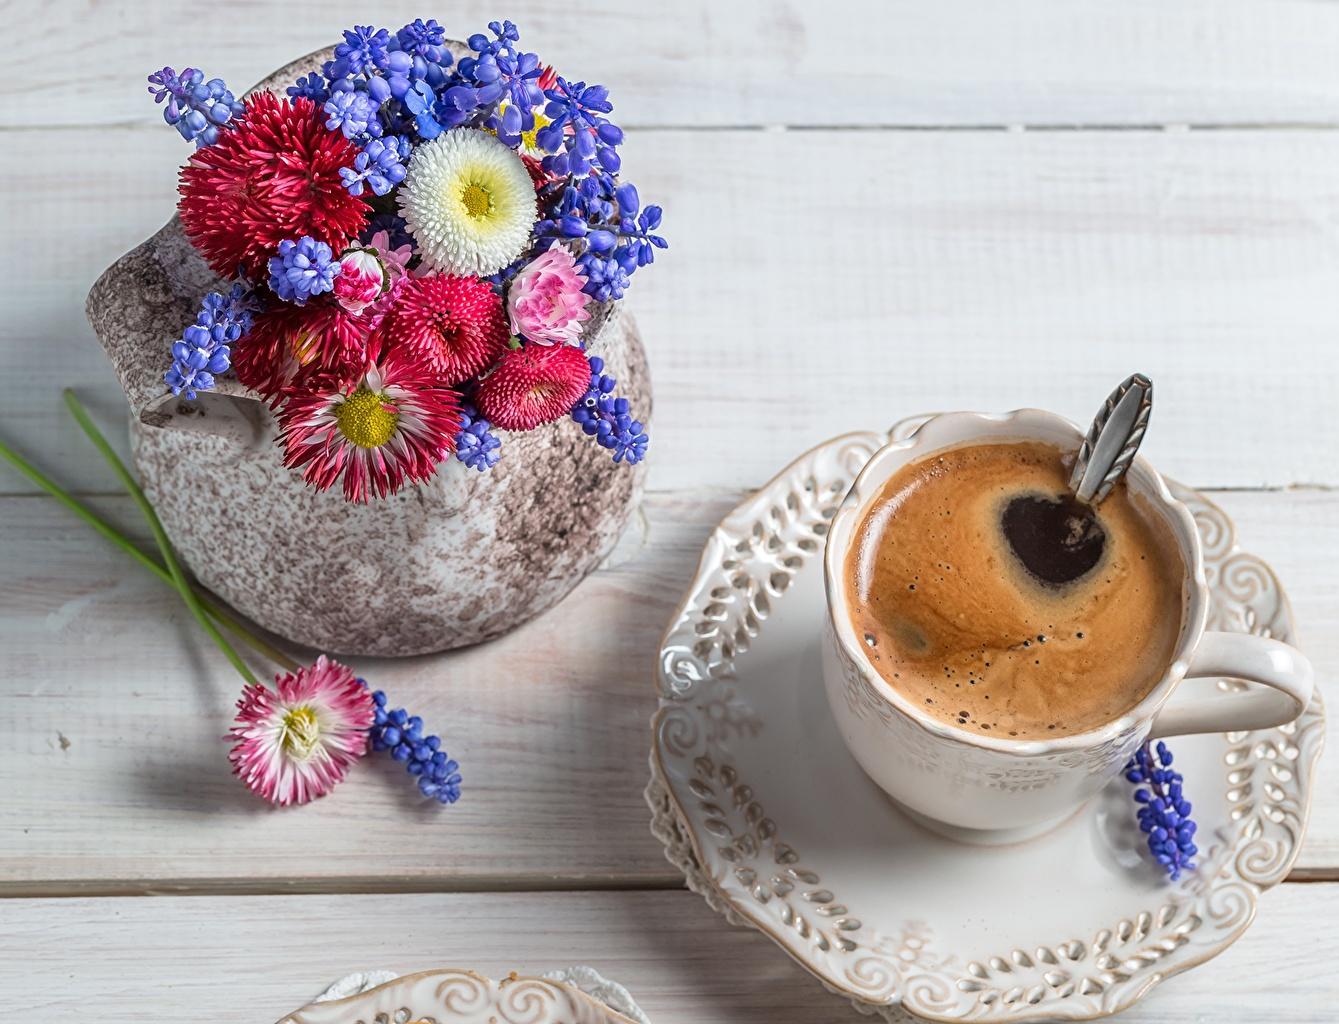 Обои для рабочего стола Кофе Цветы вазы Чашка блюдца Продукты питания вблизи напиток цветок Еда Пища Ваза вазе чашке Блюдце Крупным планом Напитки